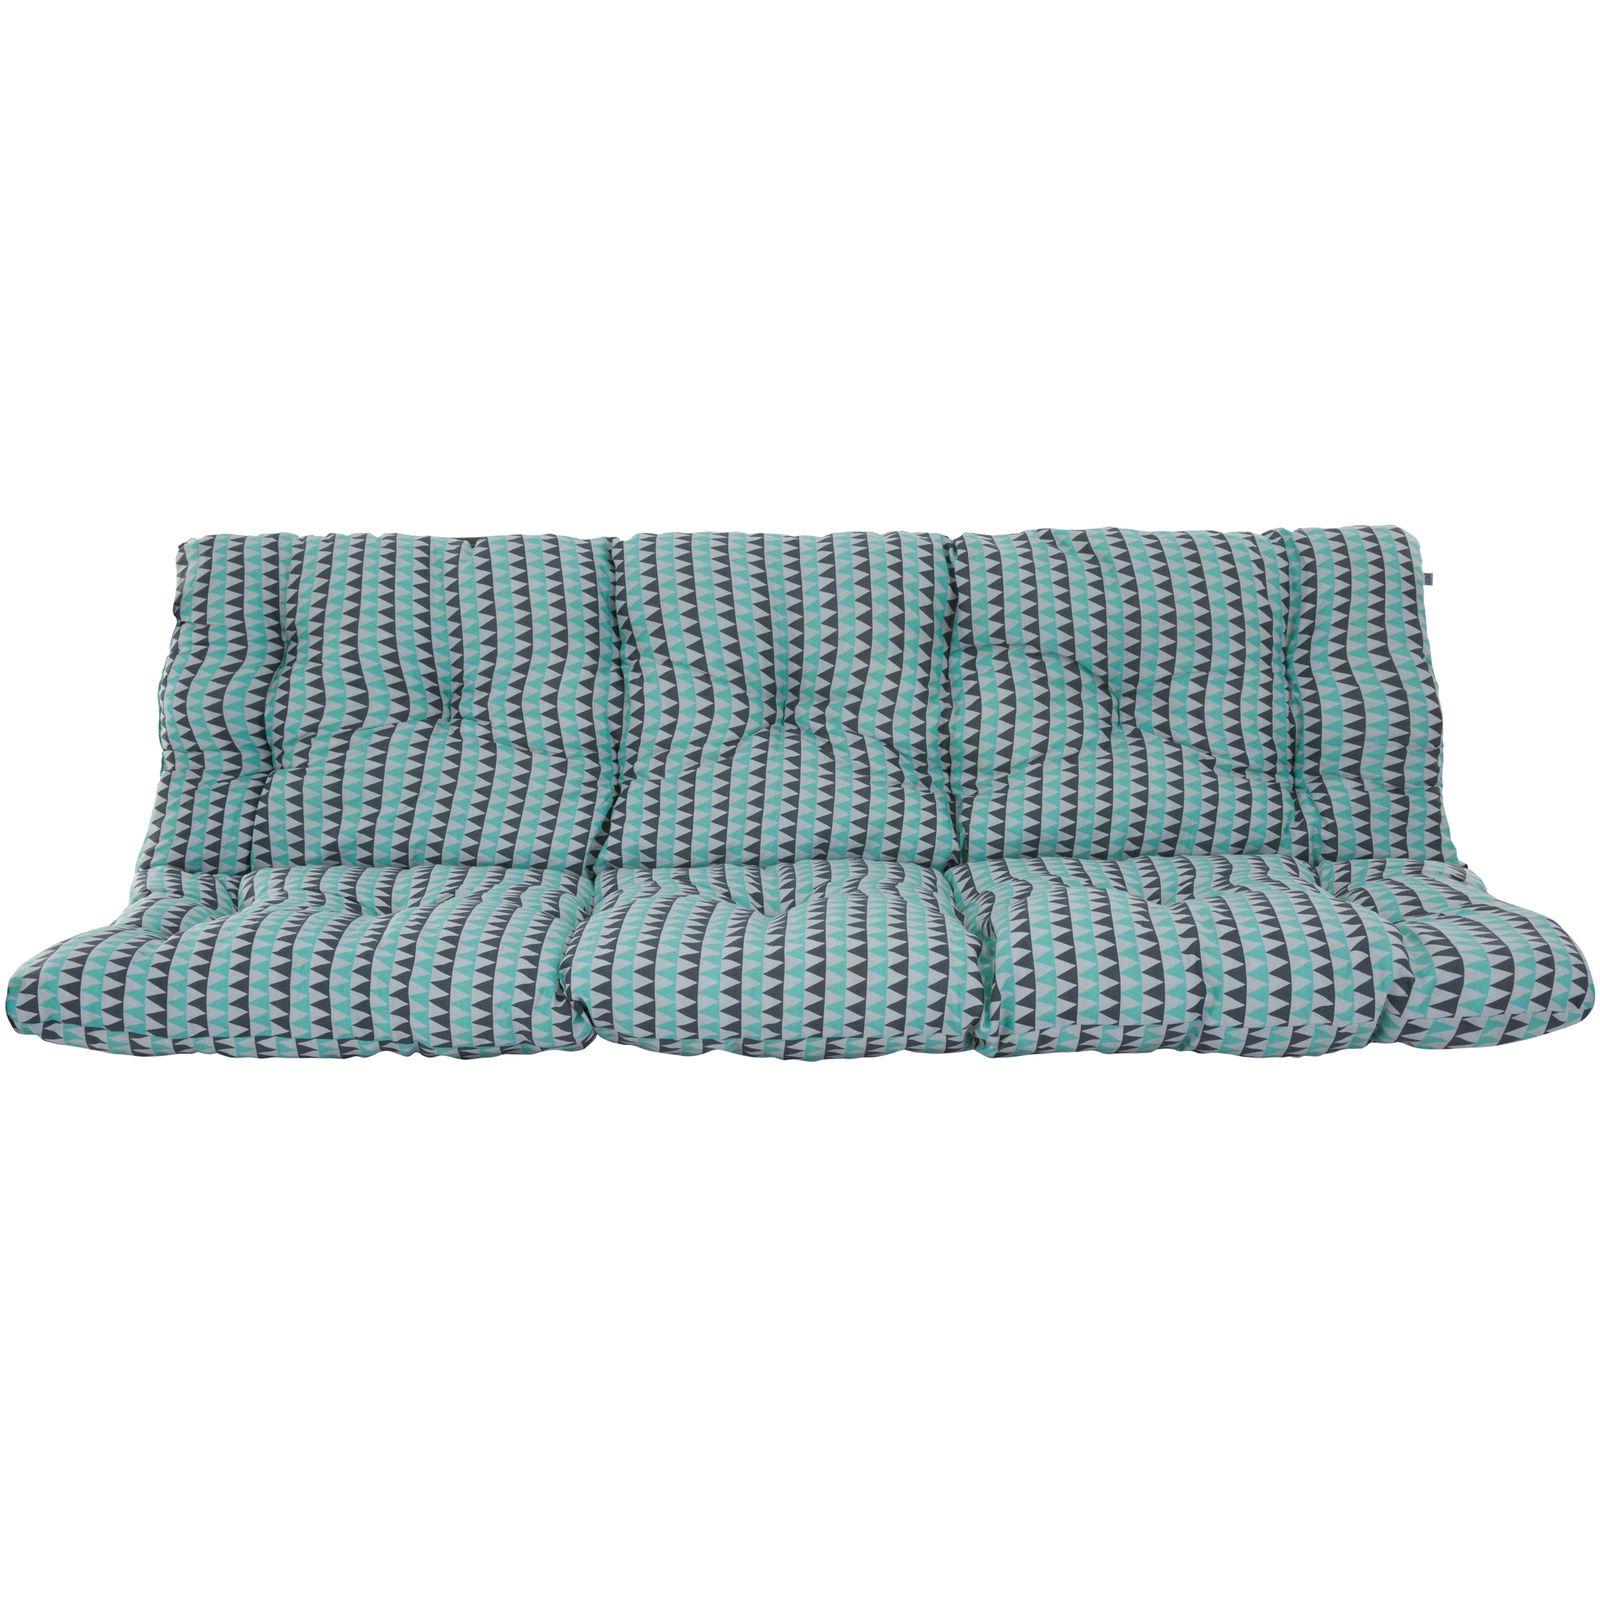 Poduszka na huśtawkę / ławkę 180 cm Frigiliana H026-06PB PATIO